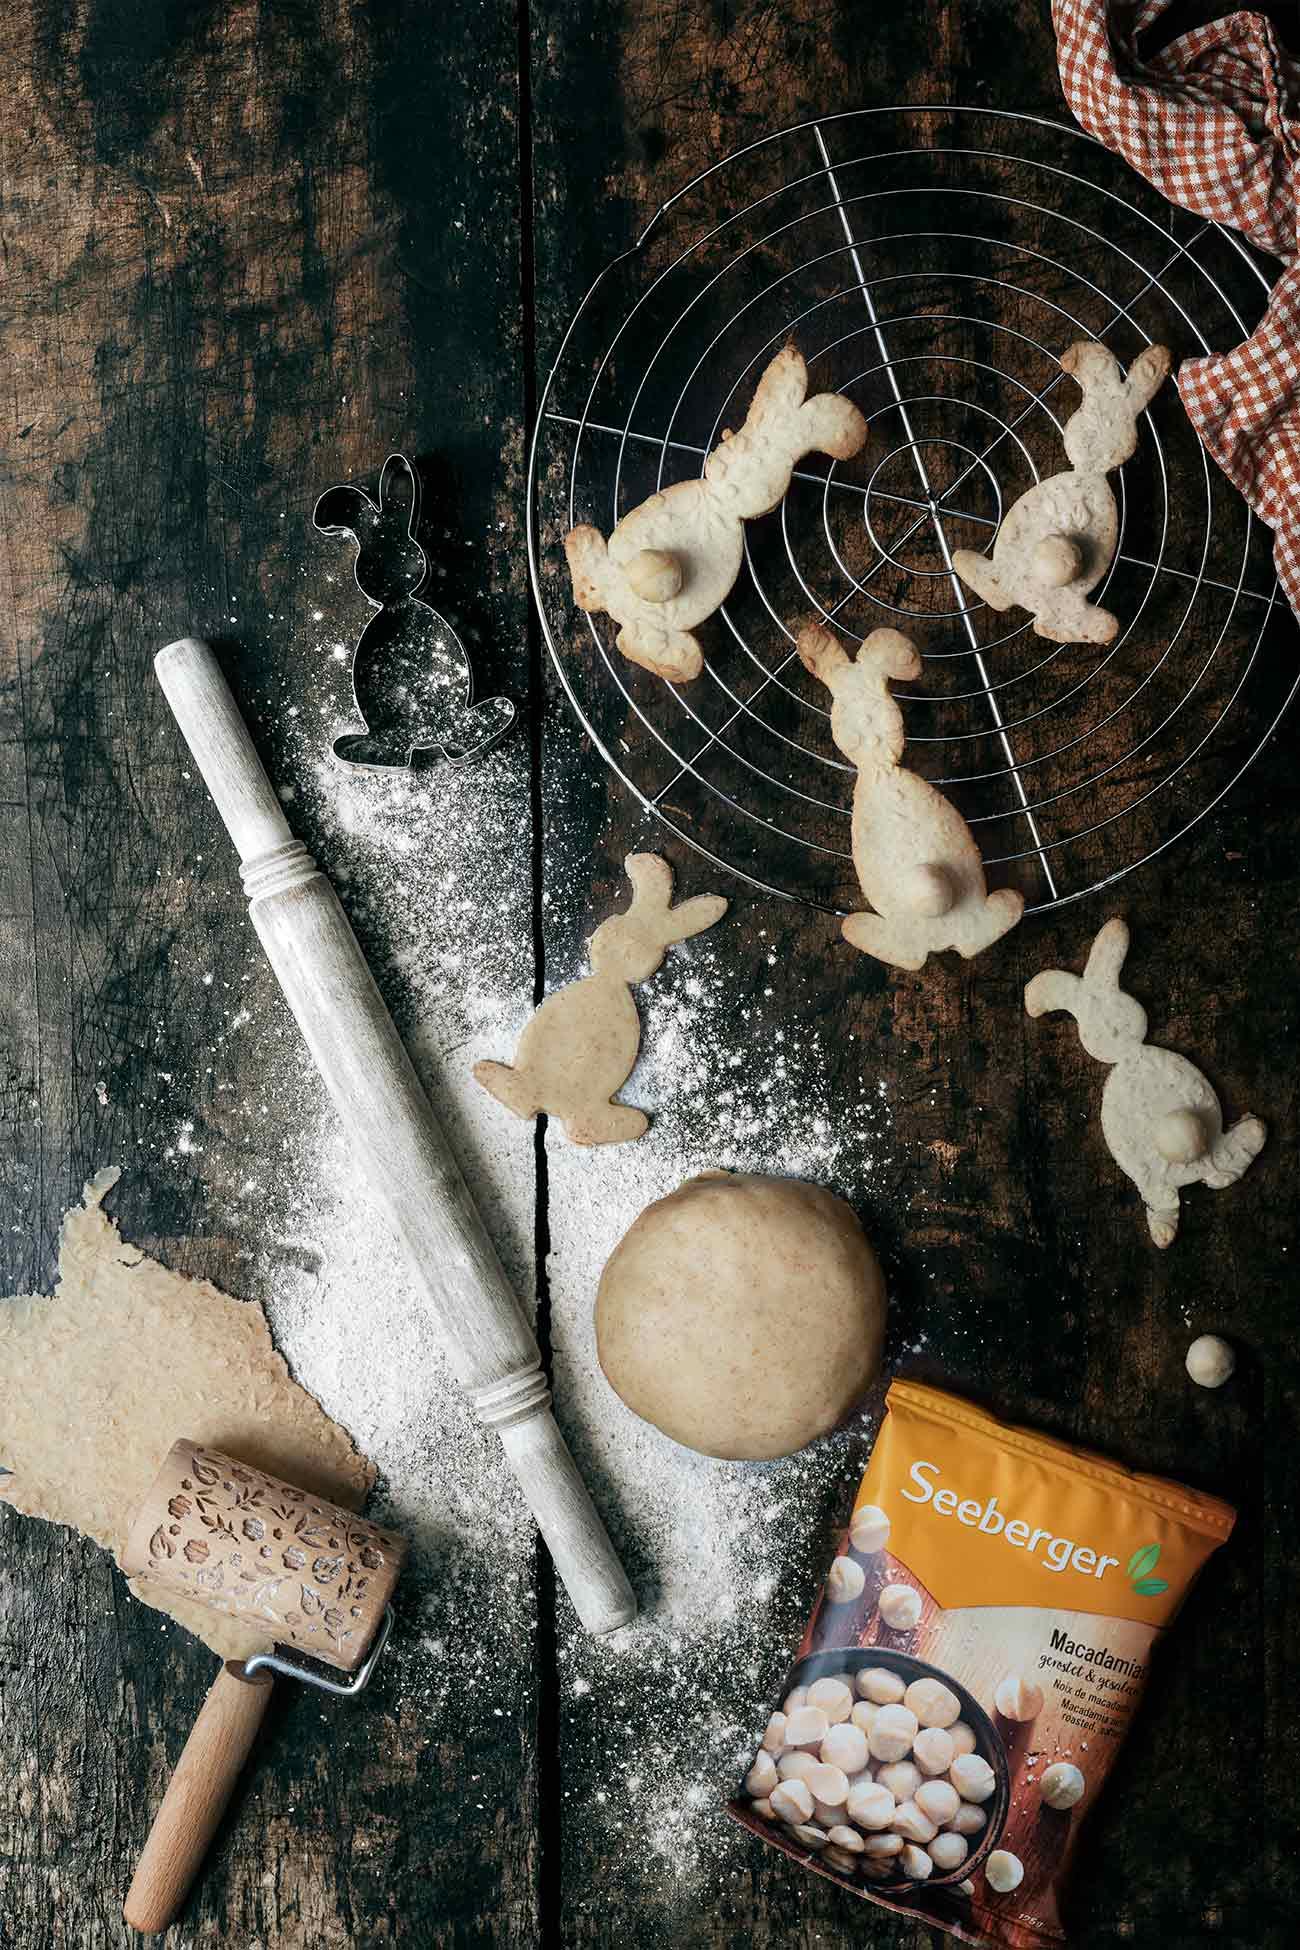 Wusstet ihr das Seeberger Cashewkerne eine richtig tolle Protein-Quelle und reich an ungesättigten Fettsäuren, Quelle von Magnesium, Quelle von Phosphor sind?  Die knackigen Cashewkerne von Seeberger sind naturbelassen und weder geröstet noch gesalzen. Nur ganz viel tropische heiße Sonne haben sie abbekommen.  Unbedingt probieren und mal ganz lange auf Cashewkernen rumkauen, der Eigengeschmack der Seeberger Cashewkernen ist unglaublich. Sie schmecken nicht nur so als gesunder Snack zwischendurch, sondern eigenen sich auch tolles Topping auf Salaten oder als knackige Überraschung in Kuchen und Gebäck. Tja, bei Nüssen mache ich keine Kompromisse. Bei den Seeberger Produkten, weiß ich immer, dass die Qualität perfekt ist. Eine Tüte voller Genuss. Jedes Mal.